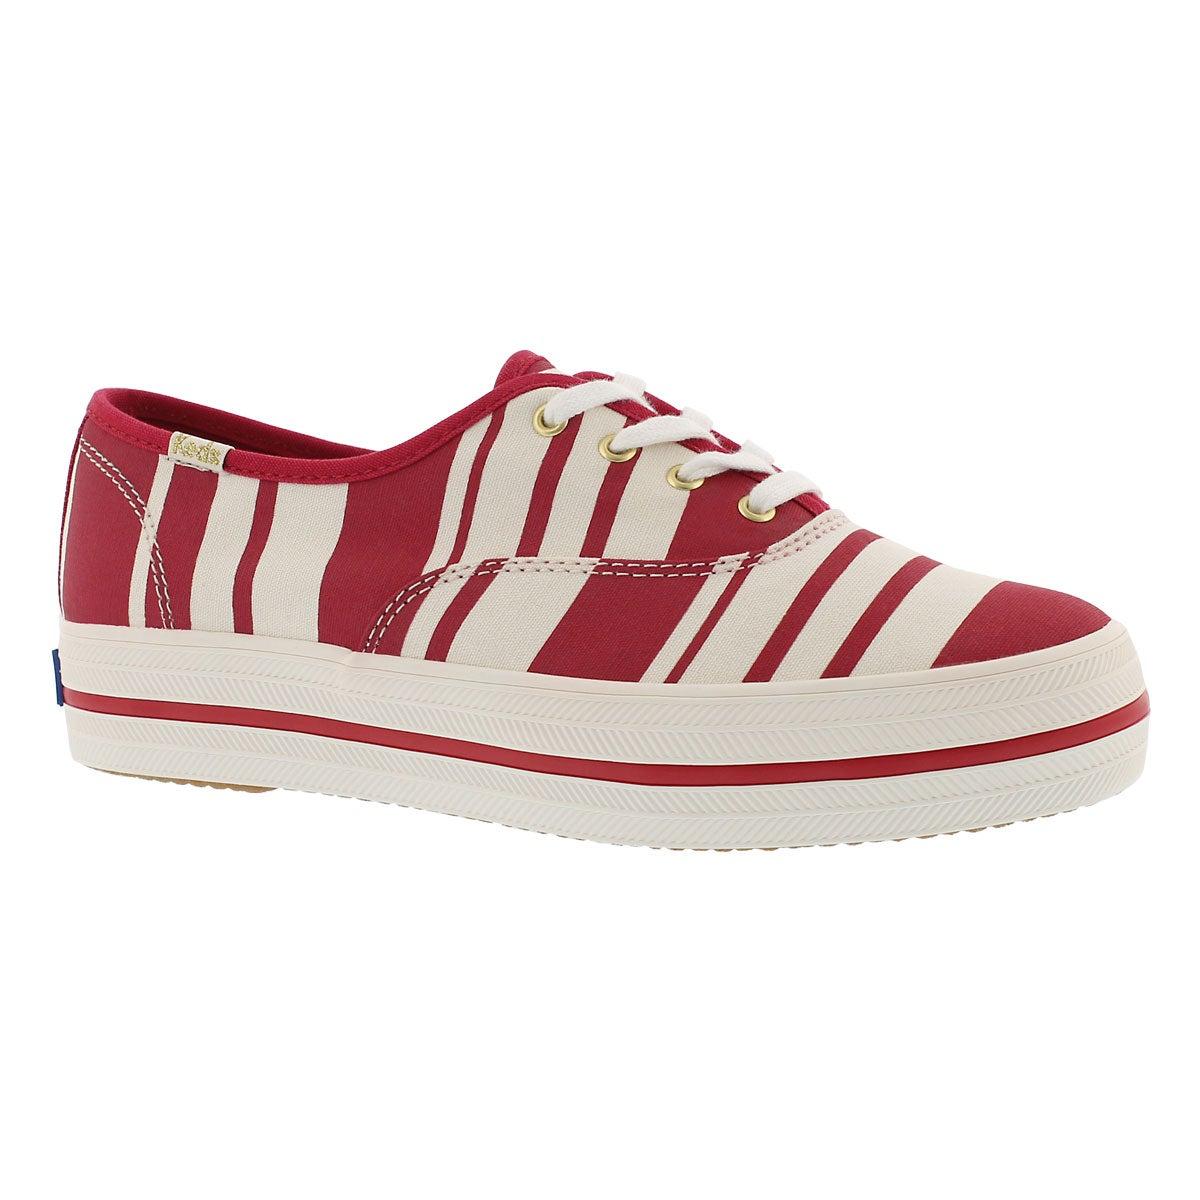 Women's KATE SPADE TRIPLE STRIPE red sneakers